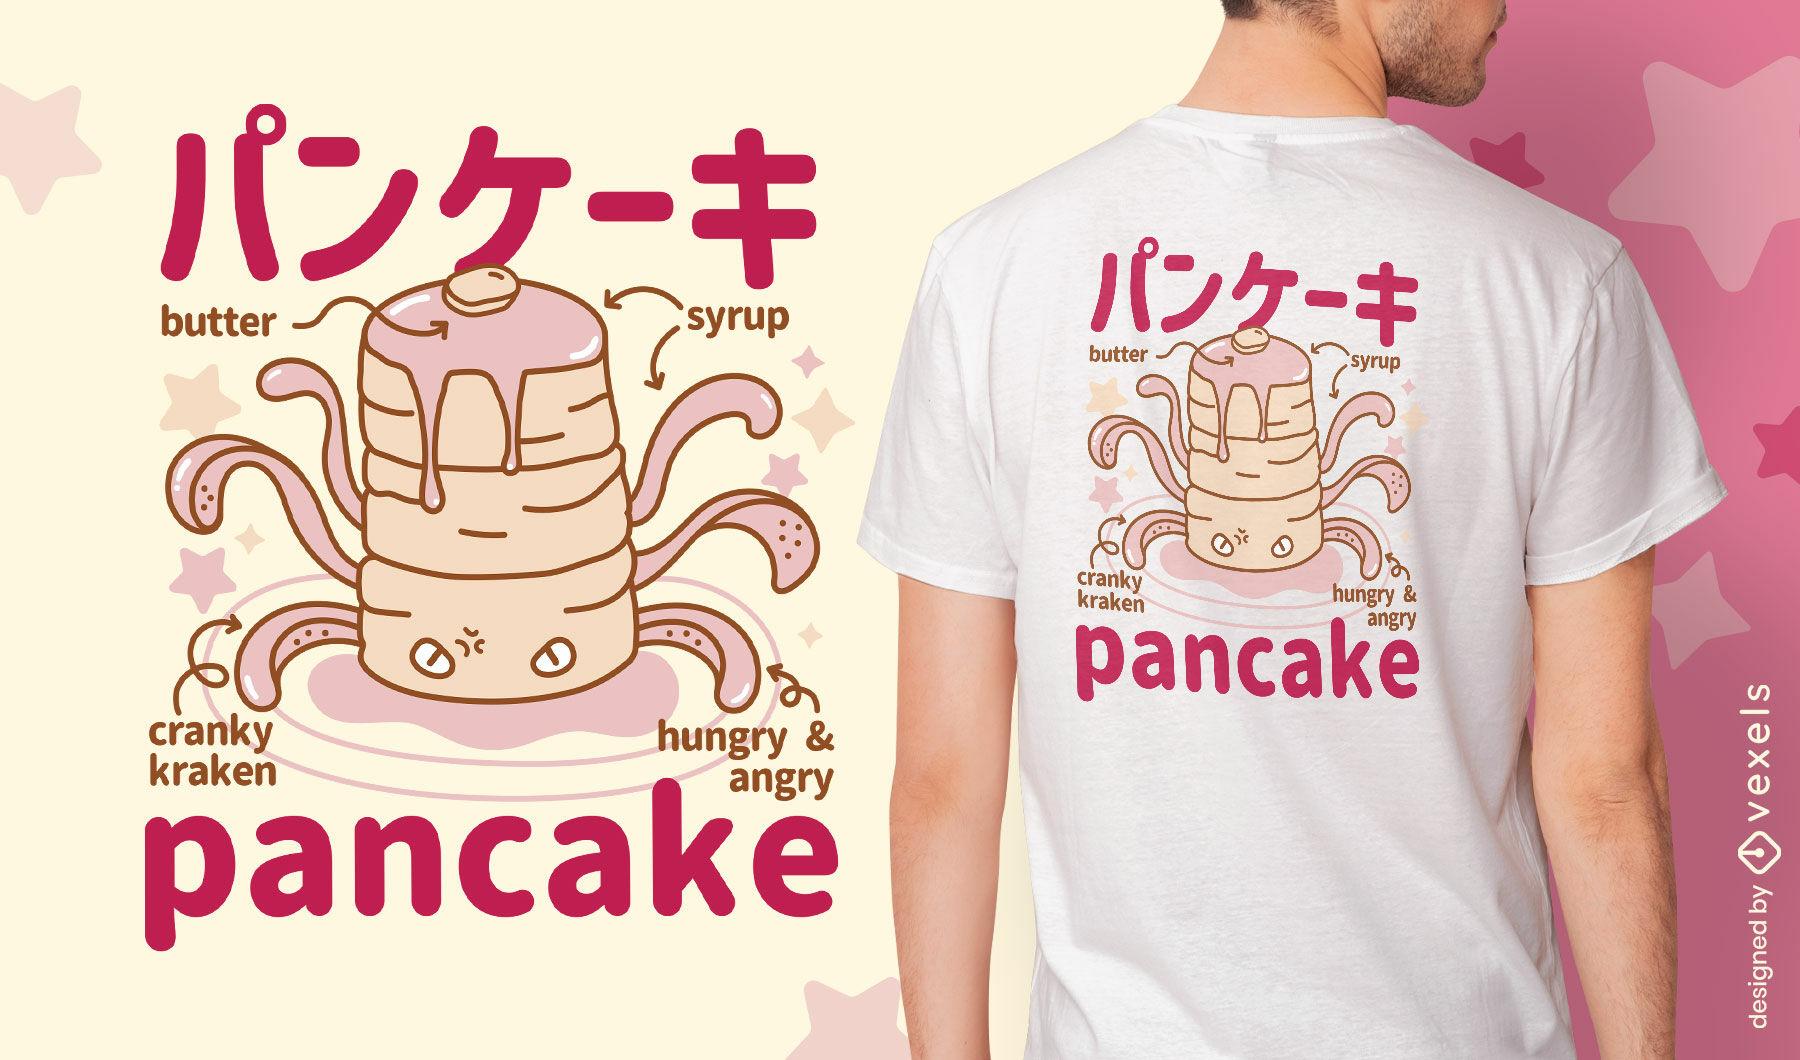 Japanese fluffy pancakes monster t-shirt design